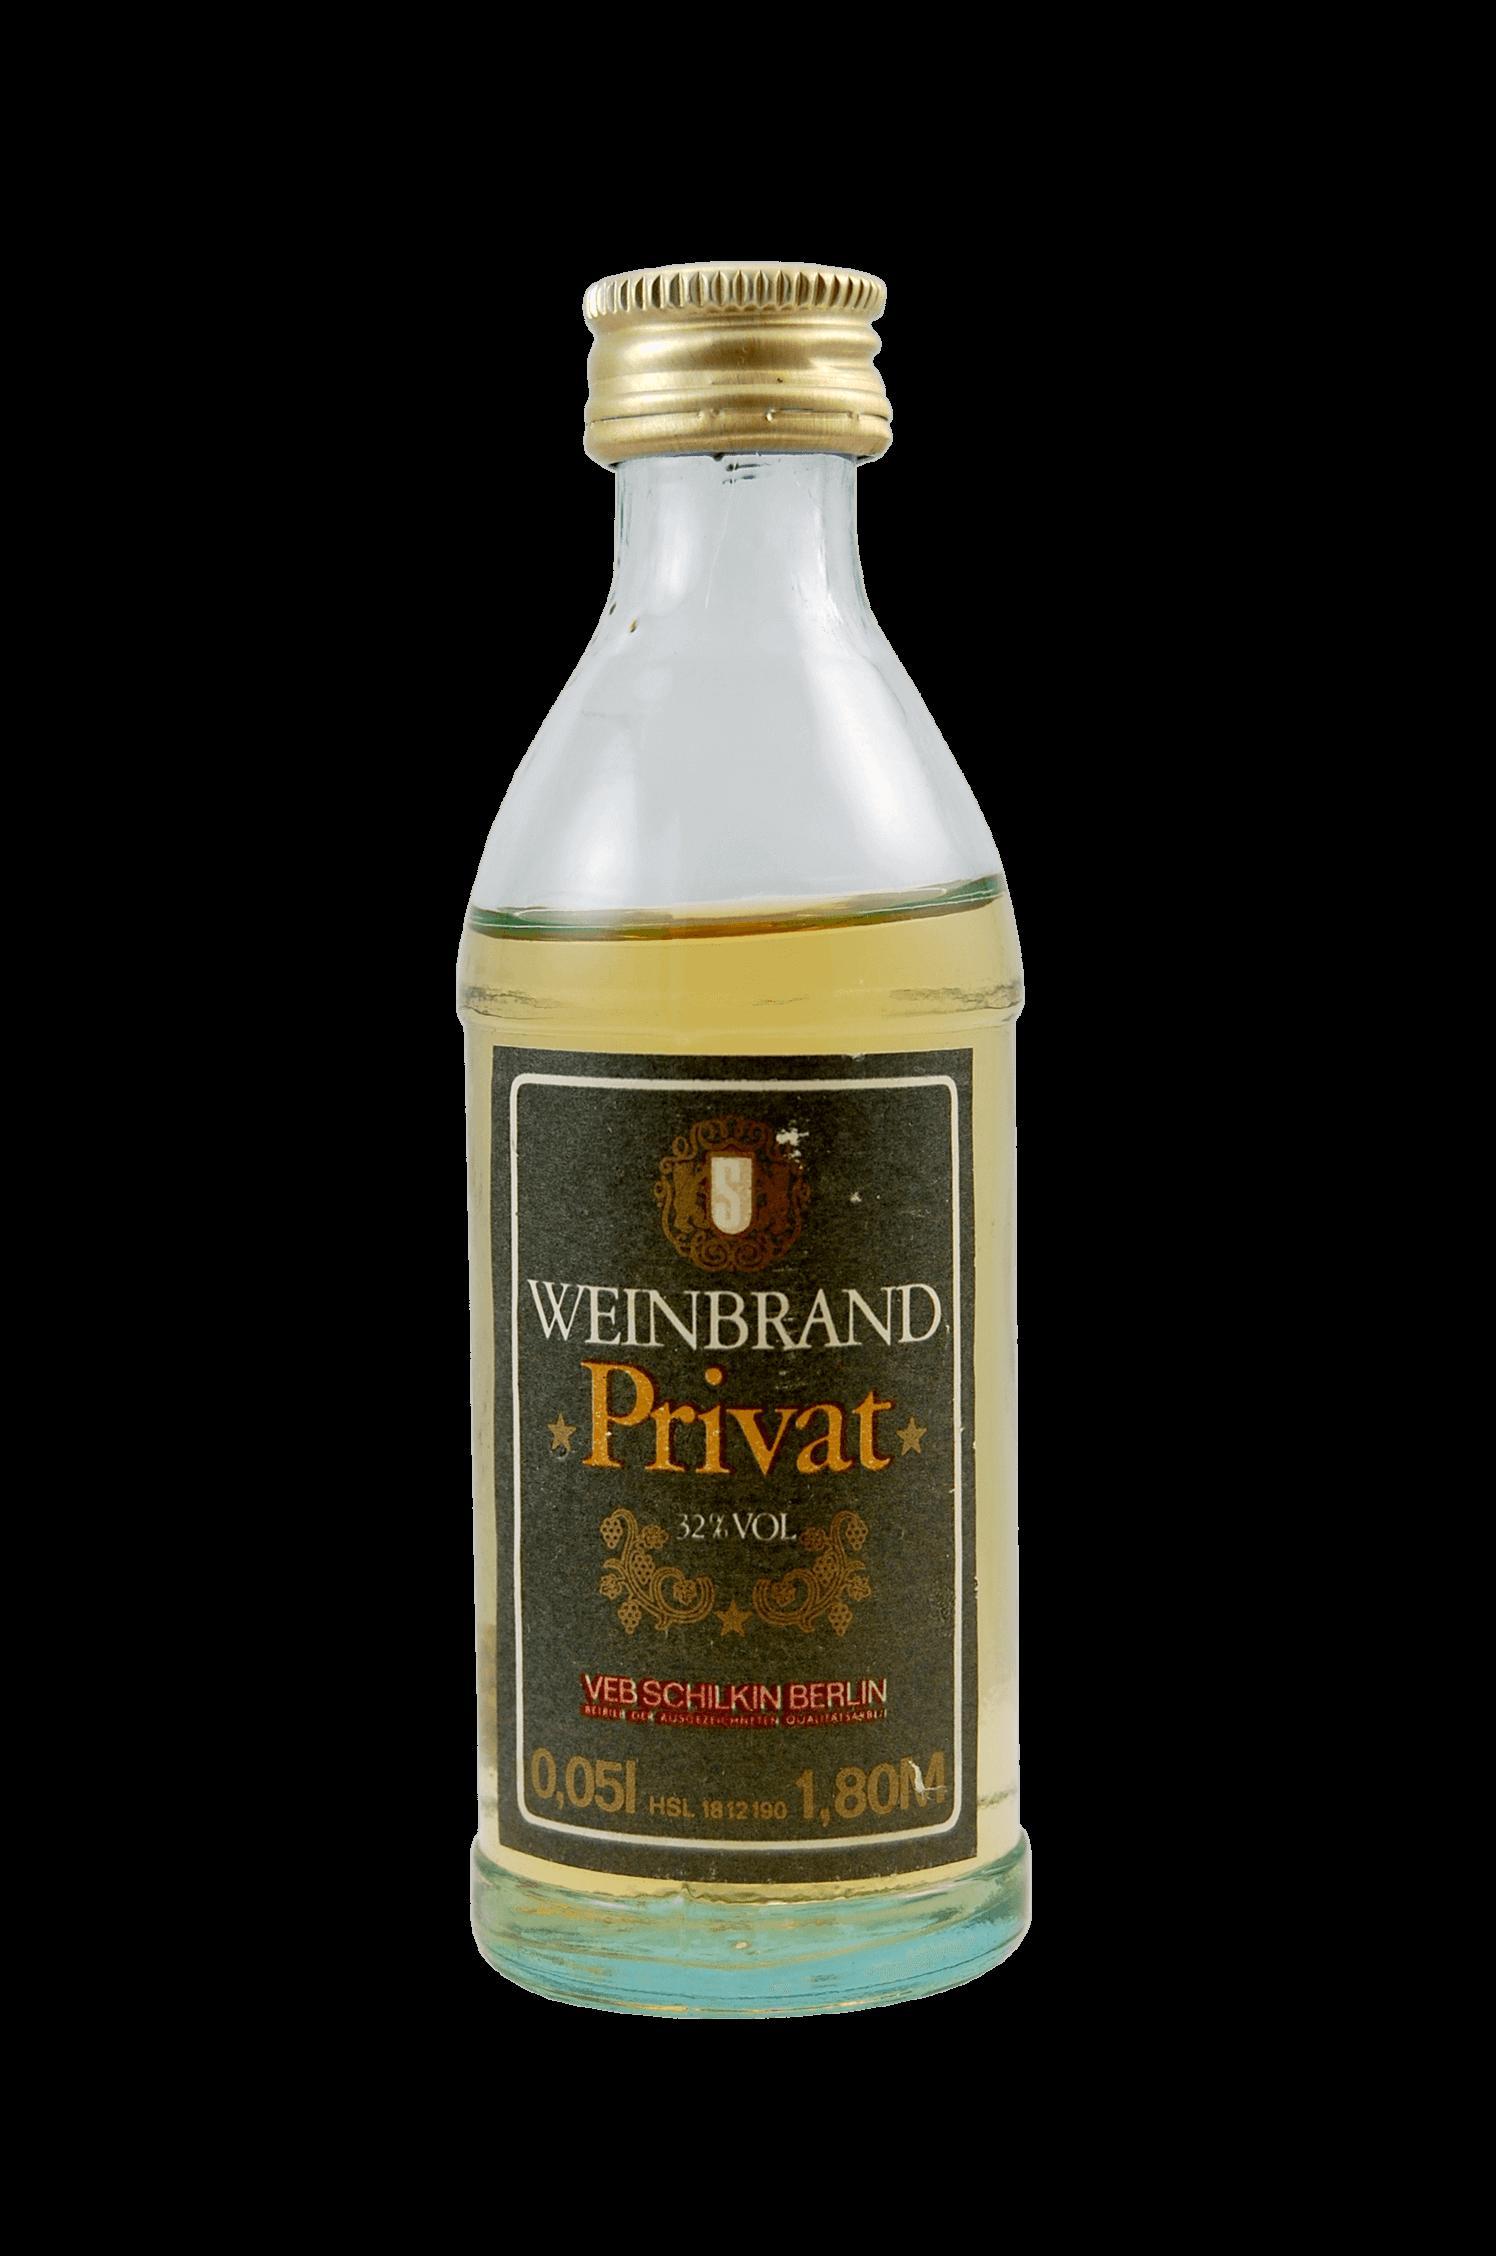 Weinbrand Privat